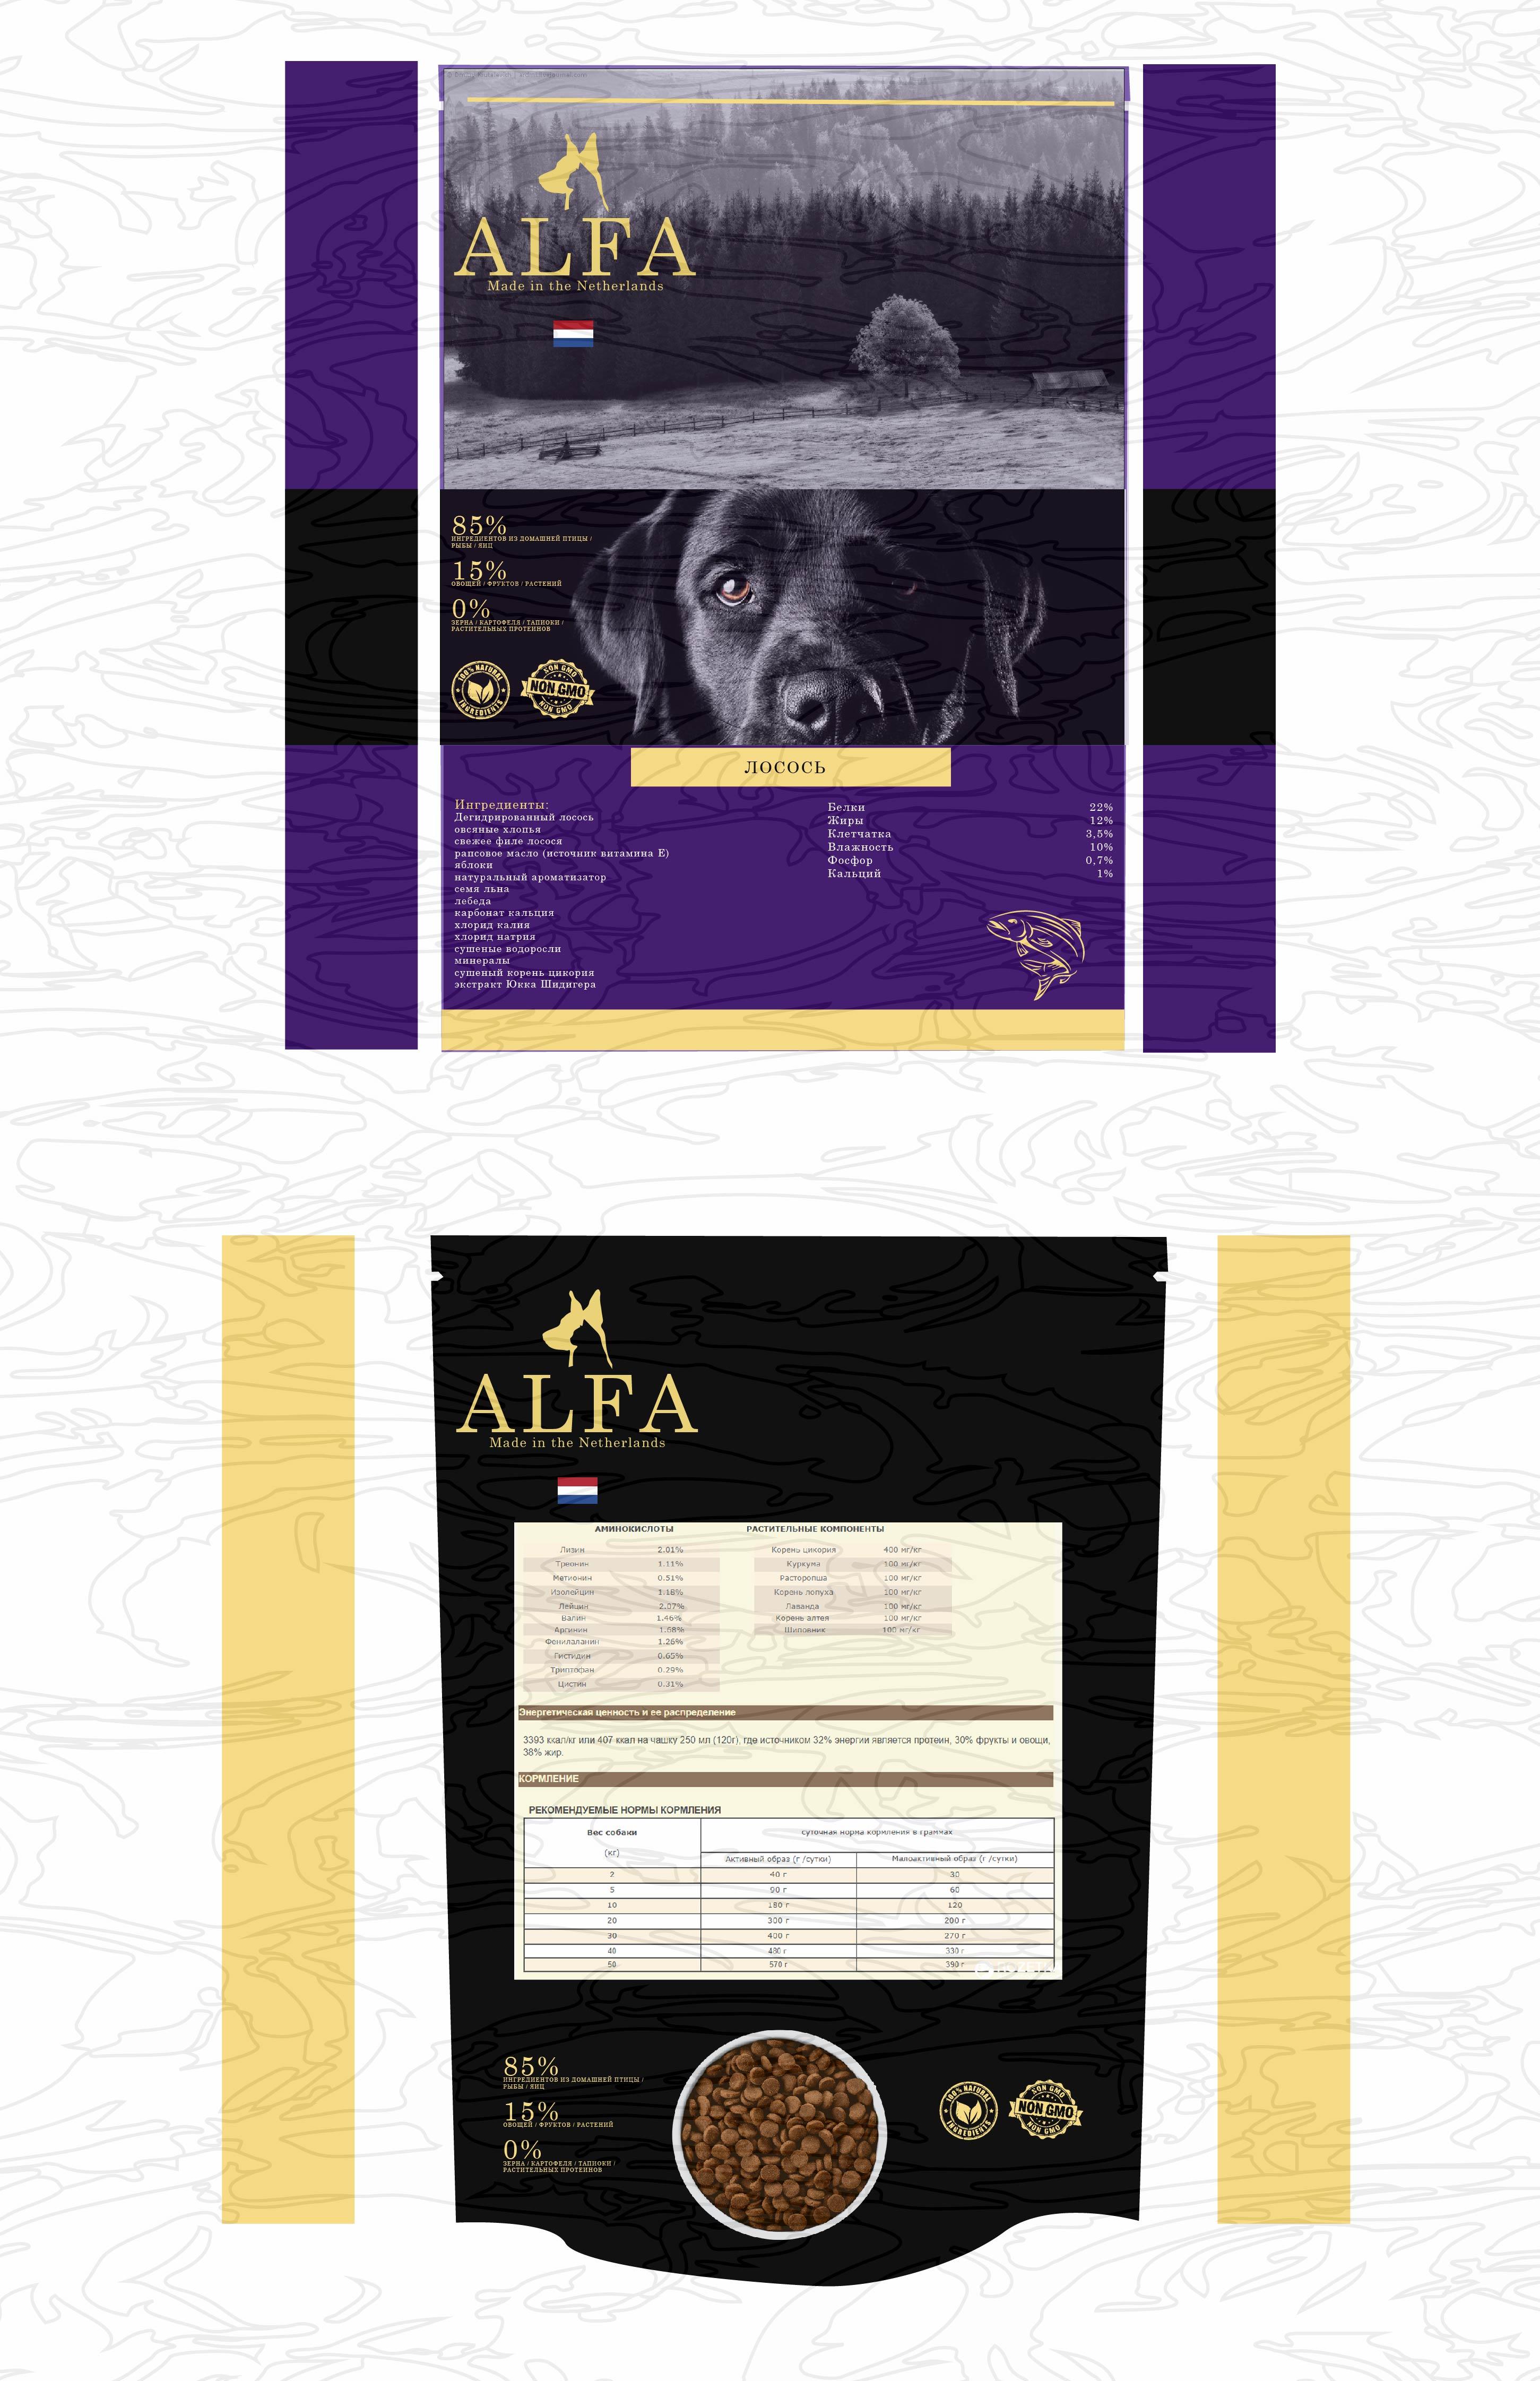 Создание дизайна упаковки для кормов для животных. фото f_8795ae39a7211e37.jpg